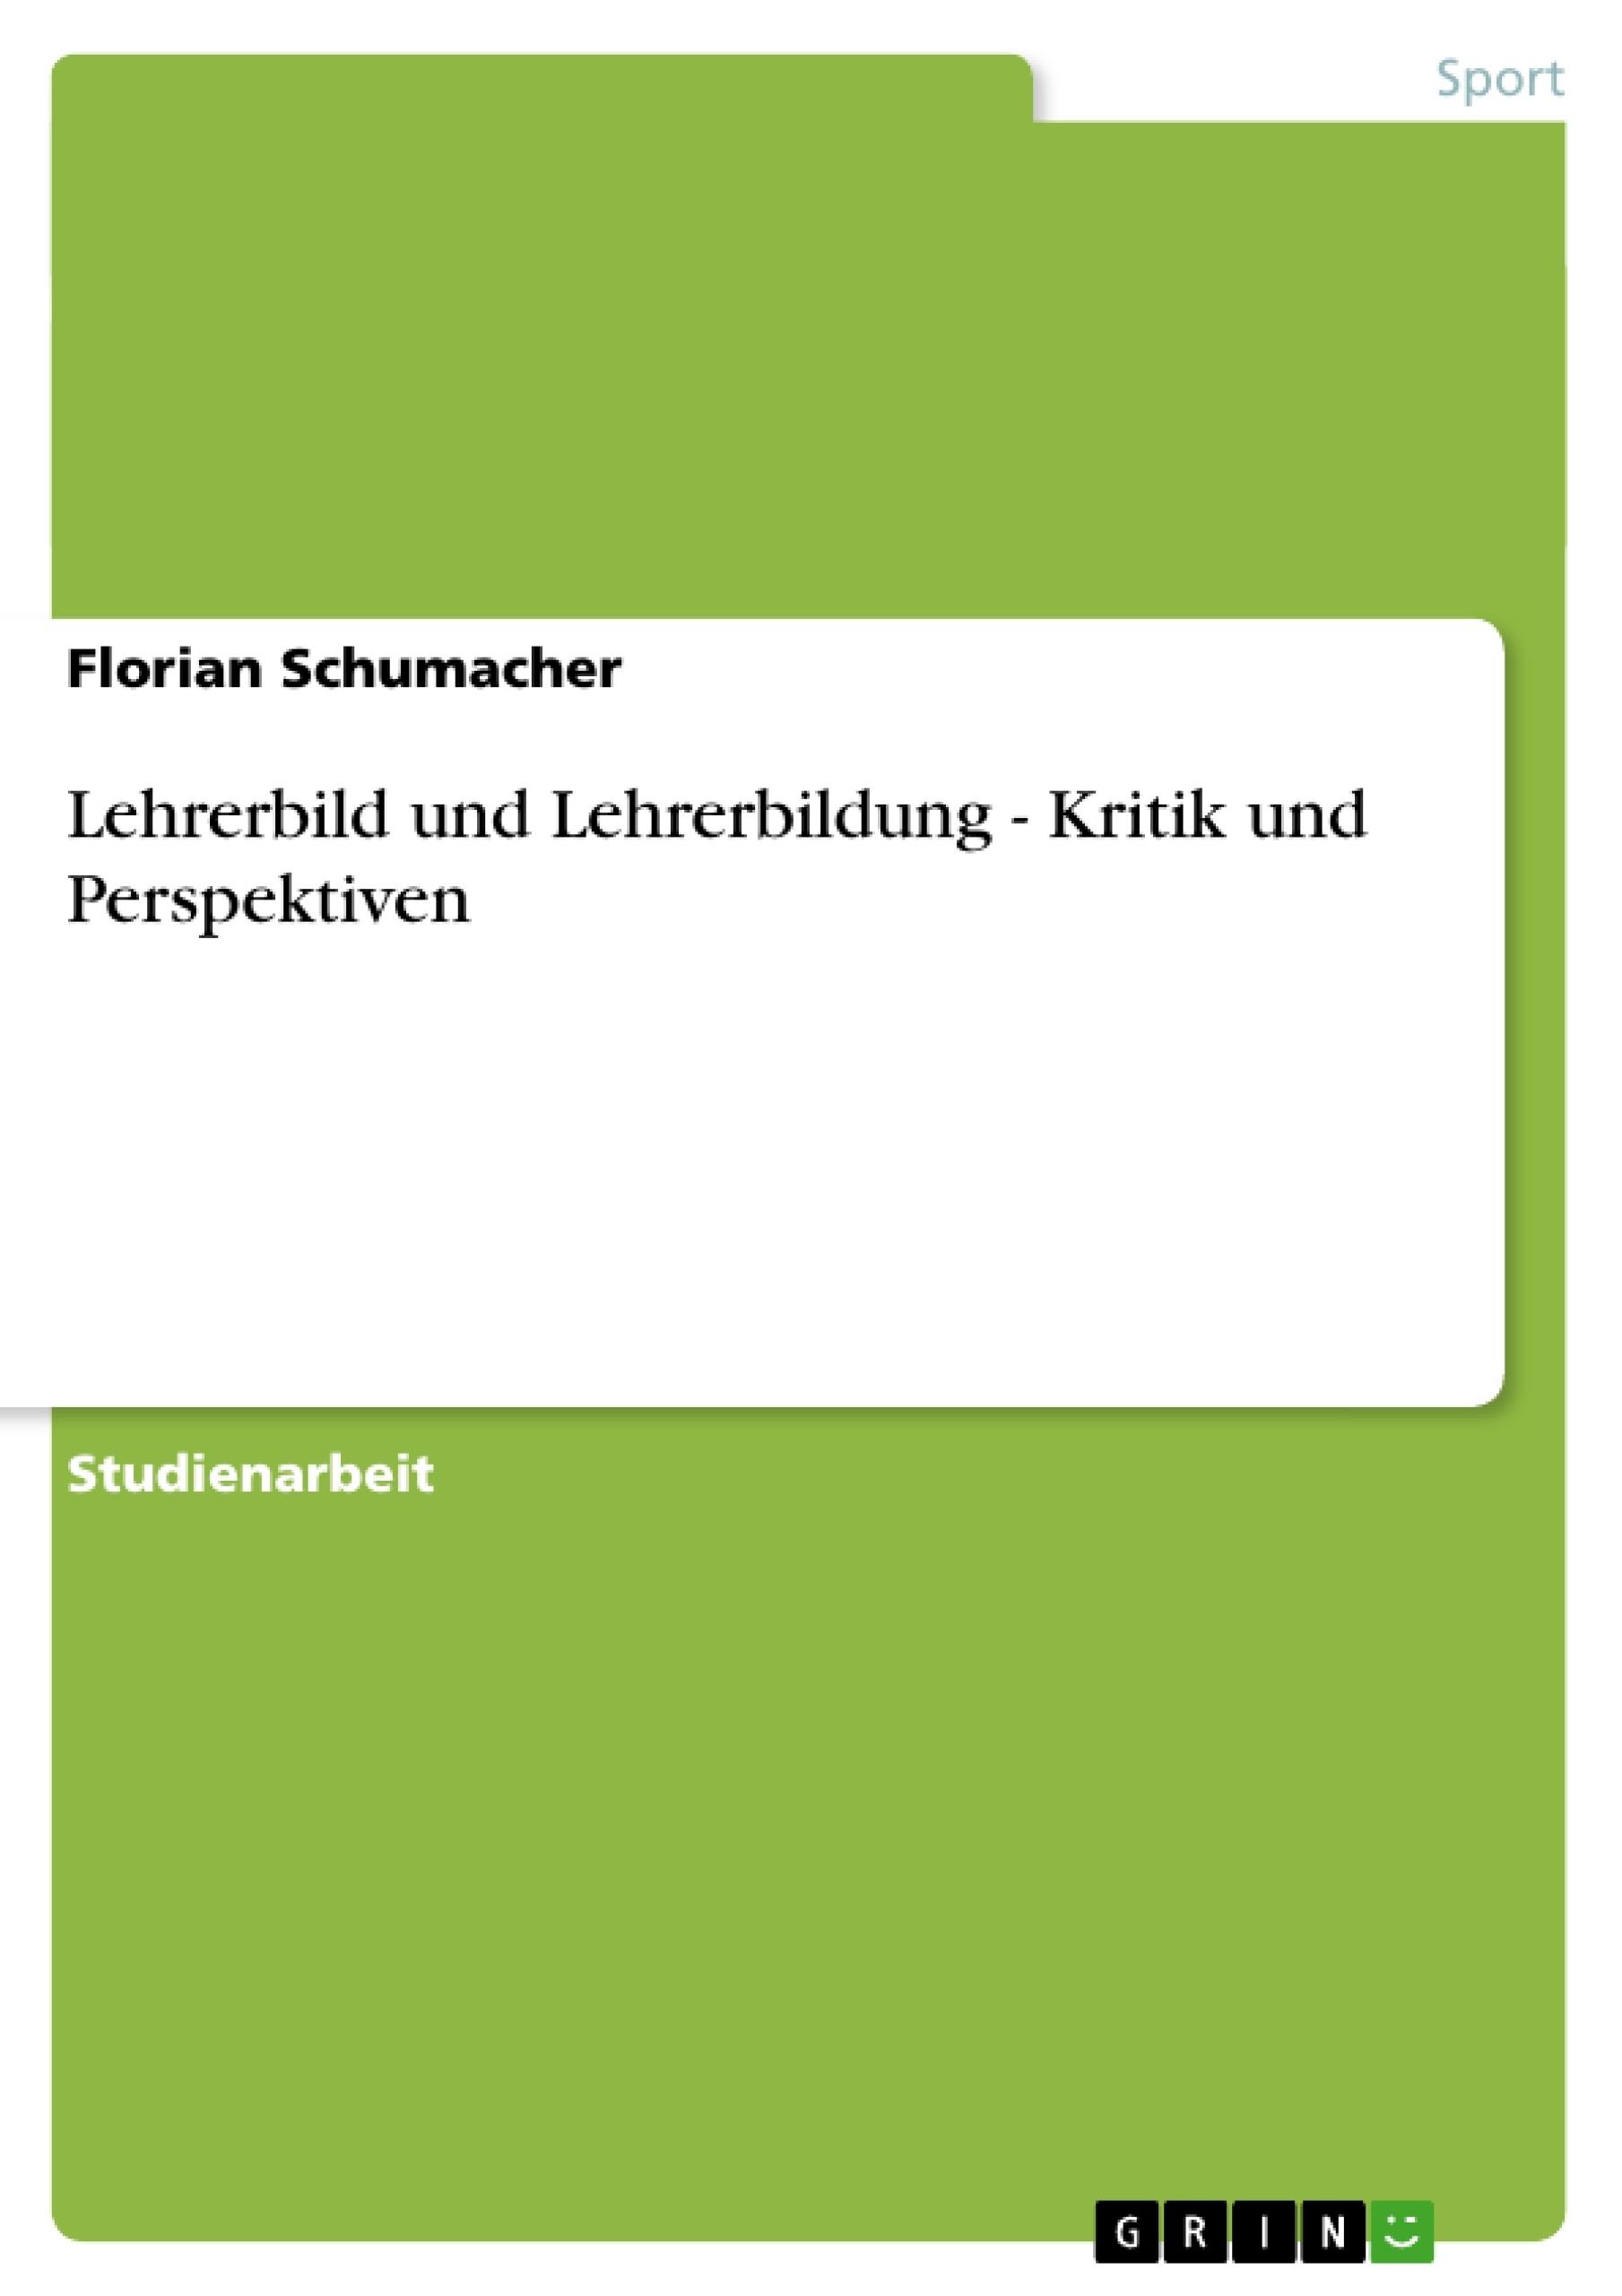 Titel: Lehrerbild und Lehrerbildung - Kritik und Perspektiven